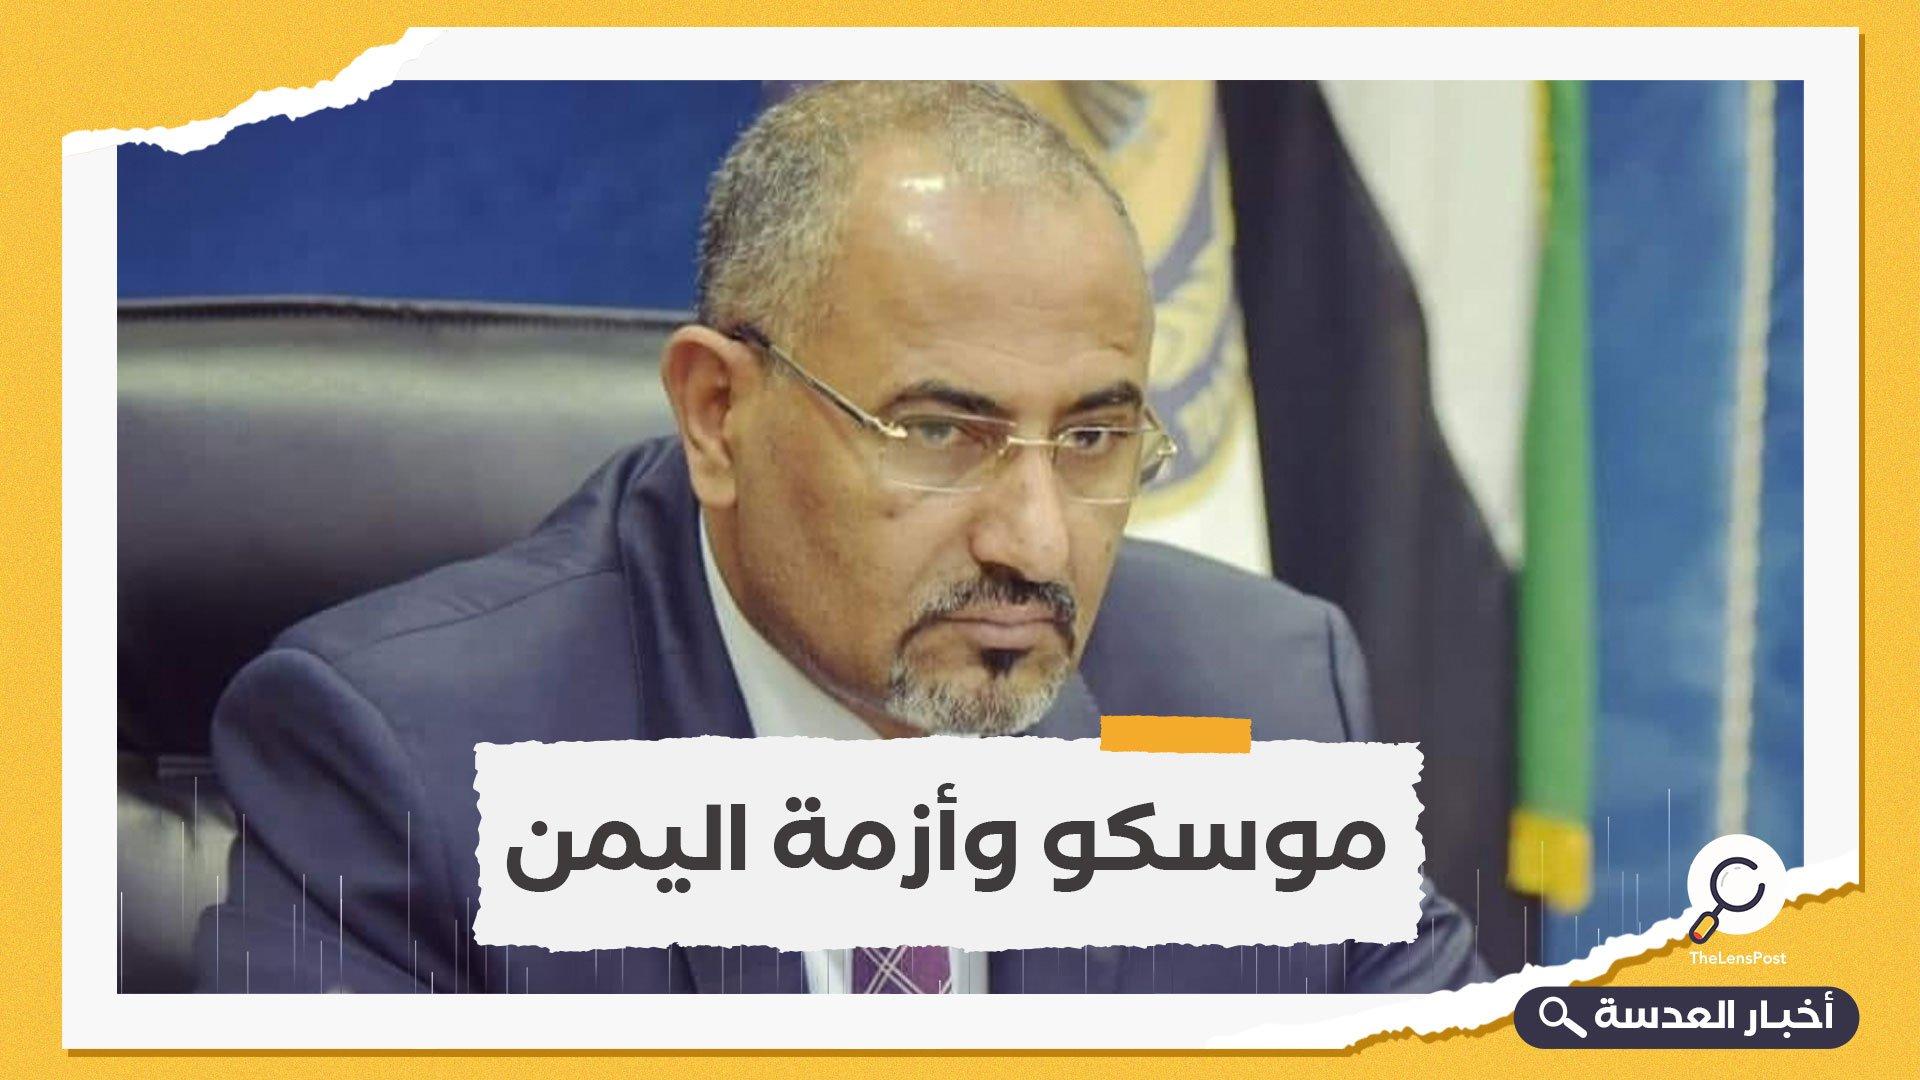 اليمن.. رئيس المجلس الانتقالي الجنوبي المدعوم إماراتيًا في روسيا